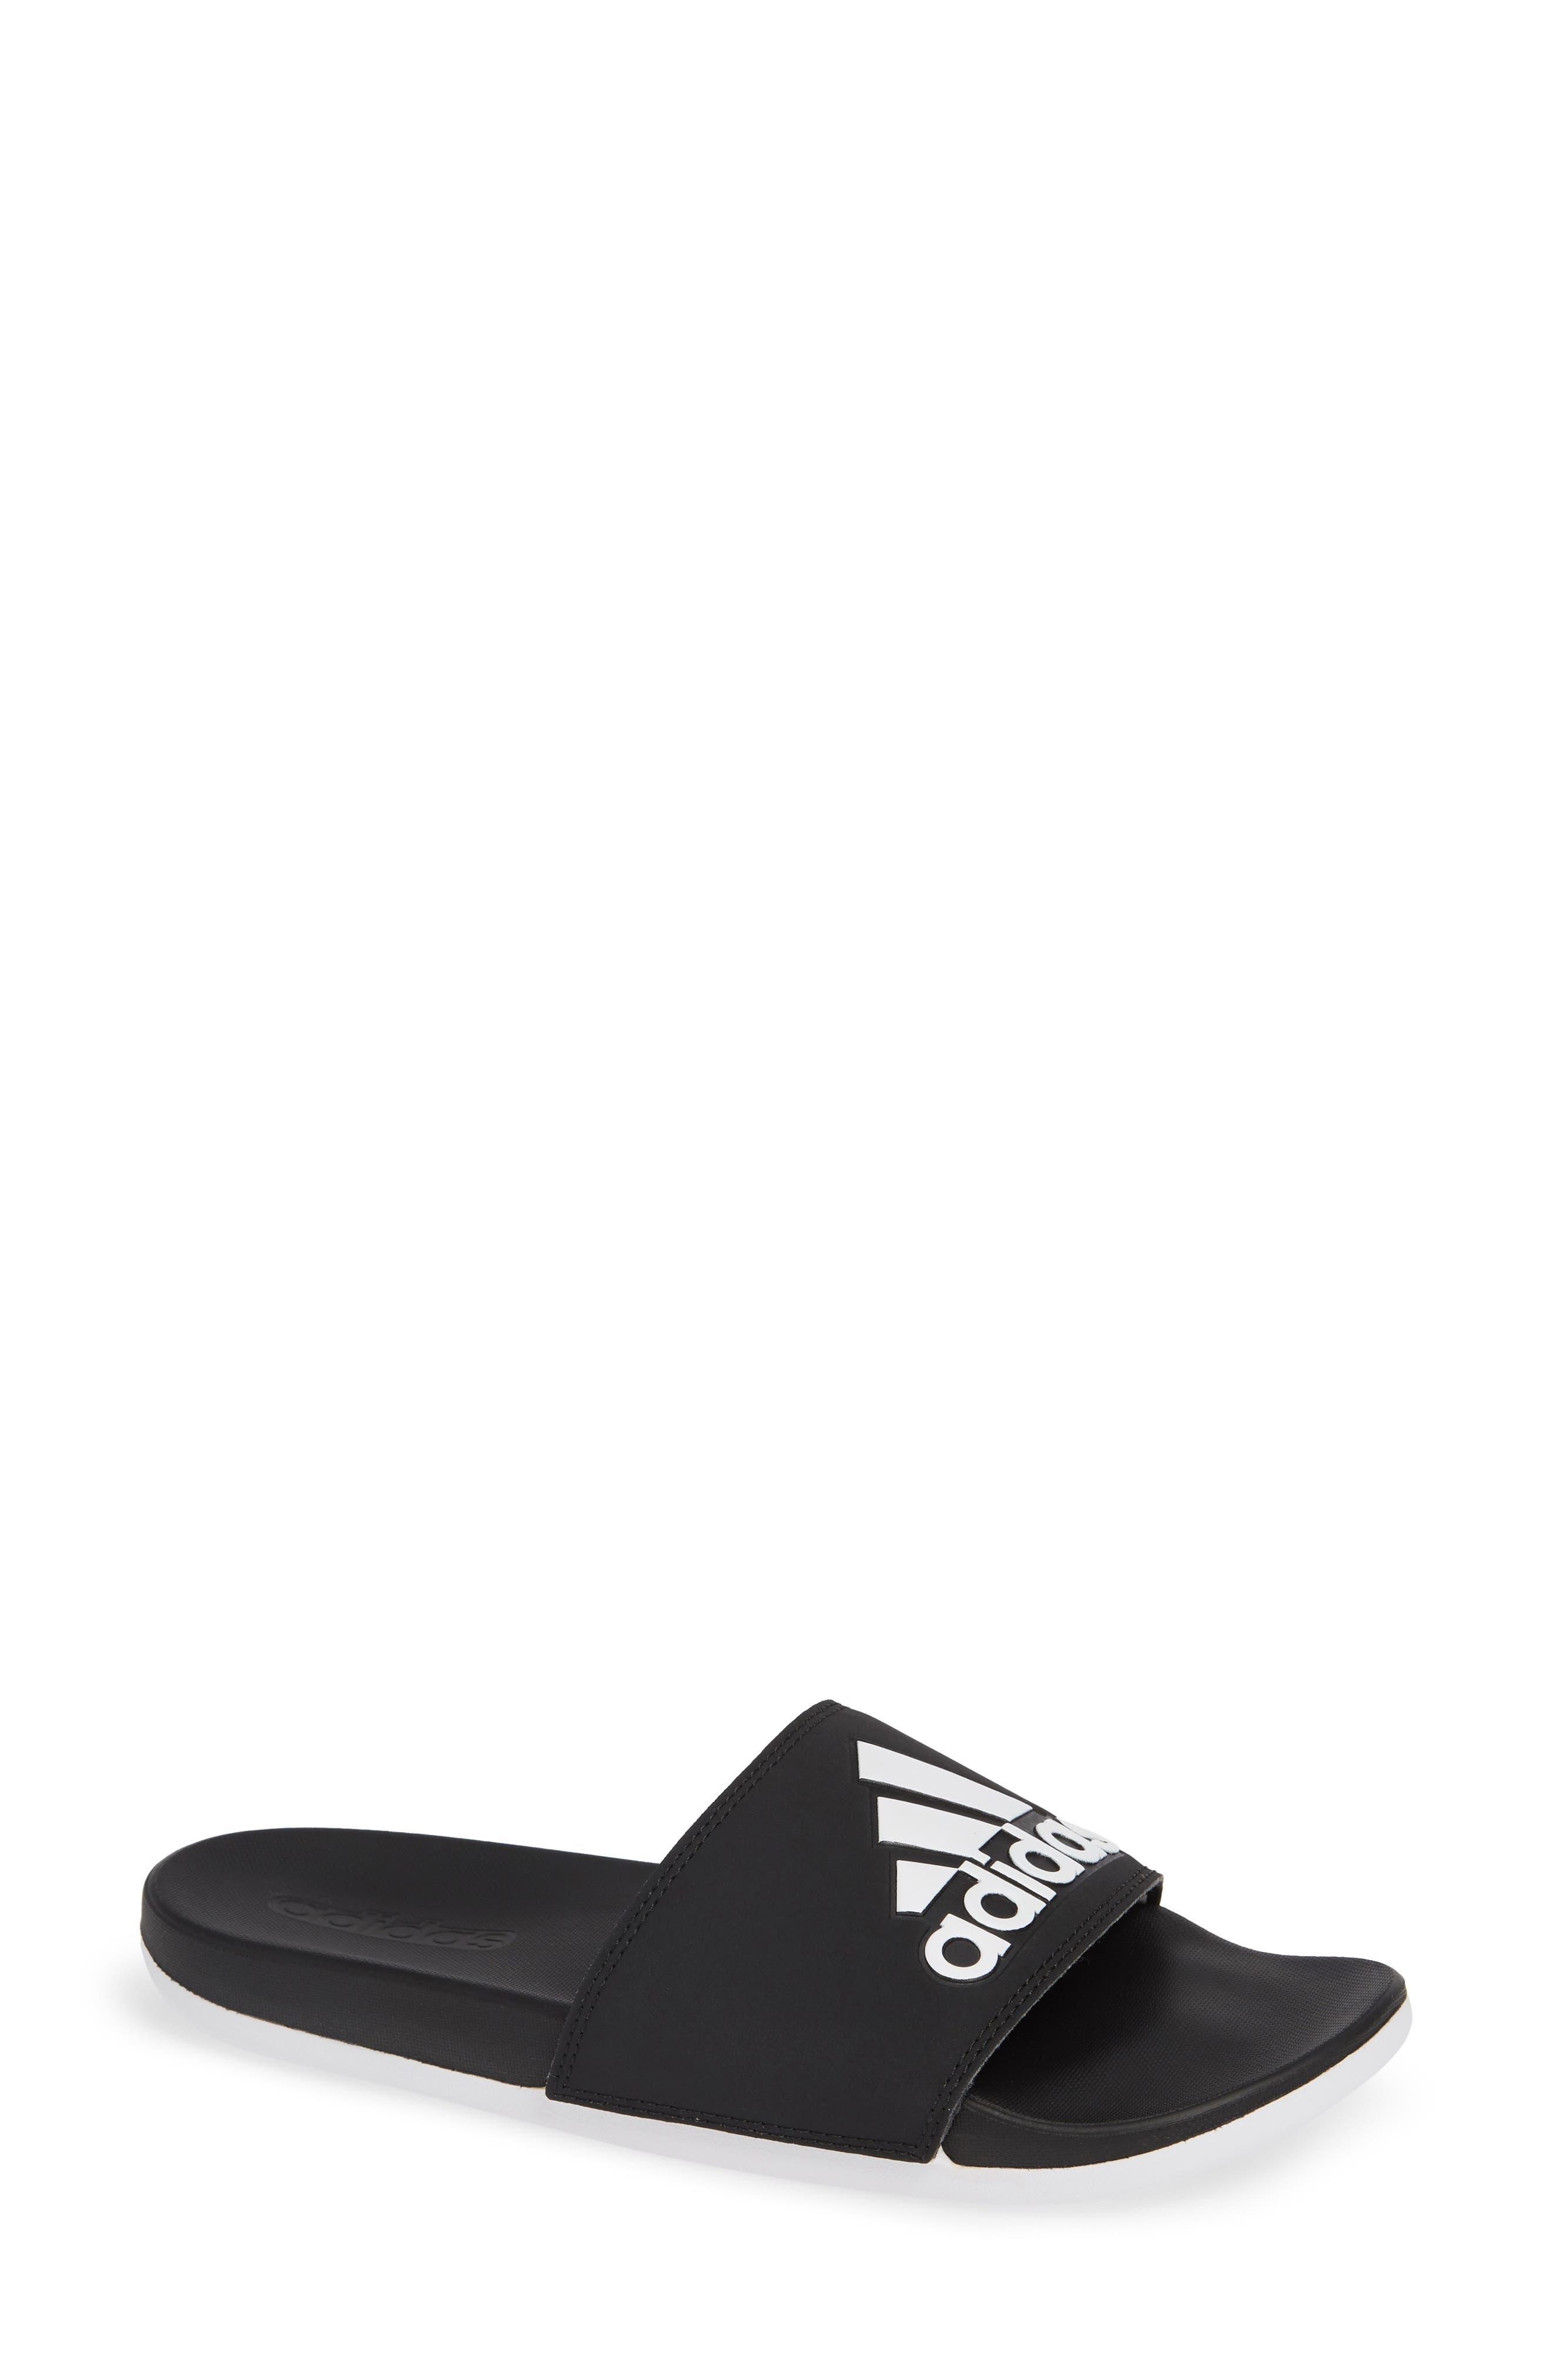 Adilette Comfort Slide Sandal, Main, color, BLACK/ BLACK/ WHITE